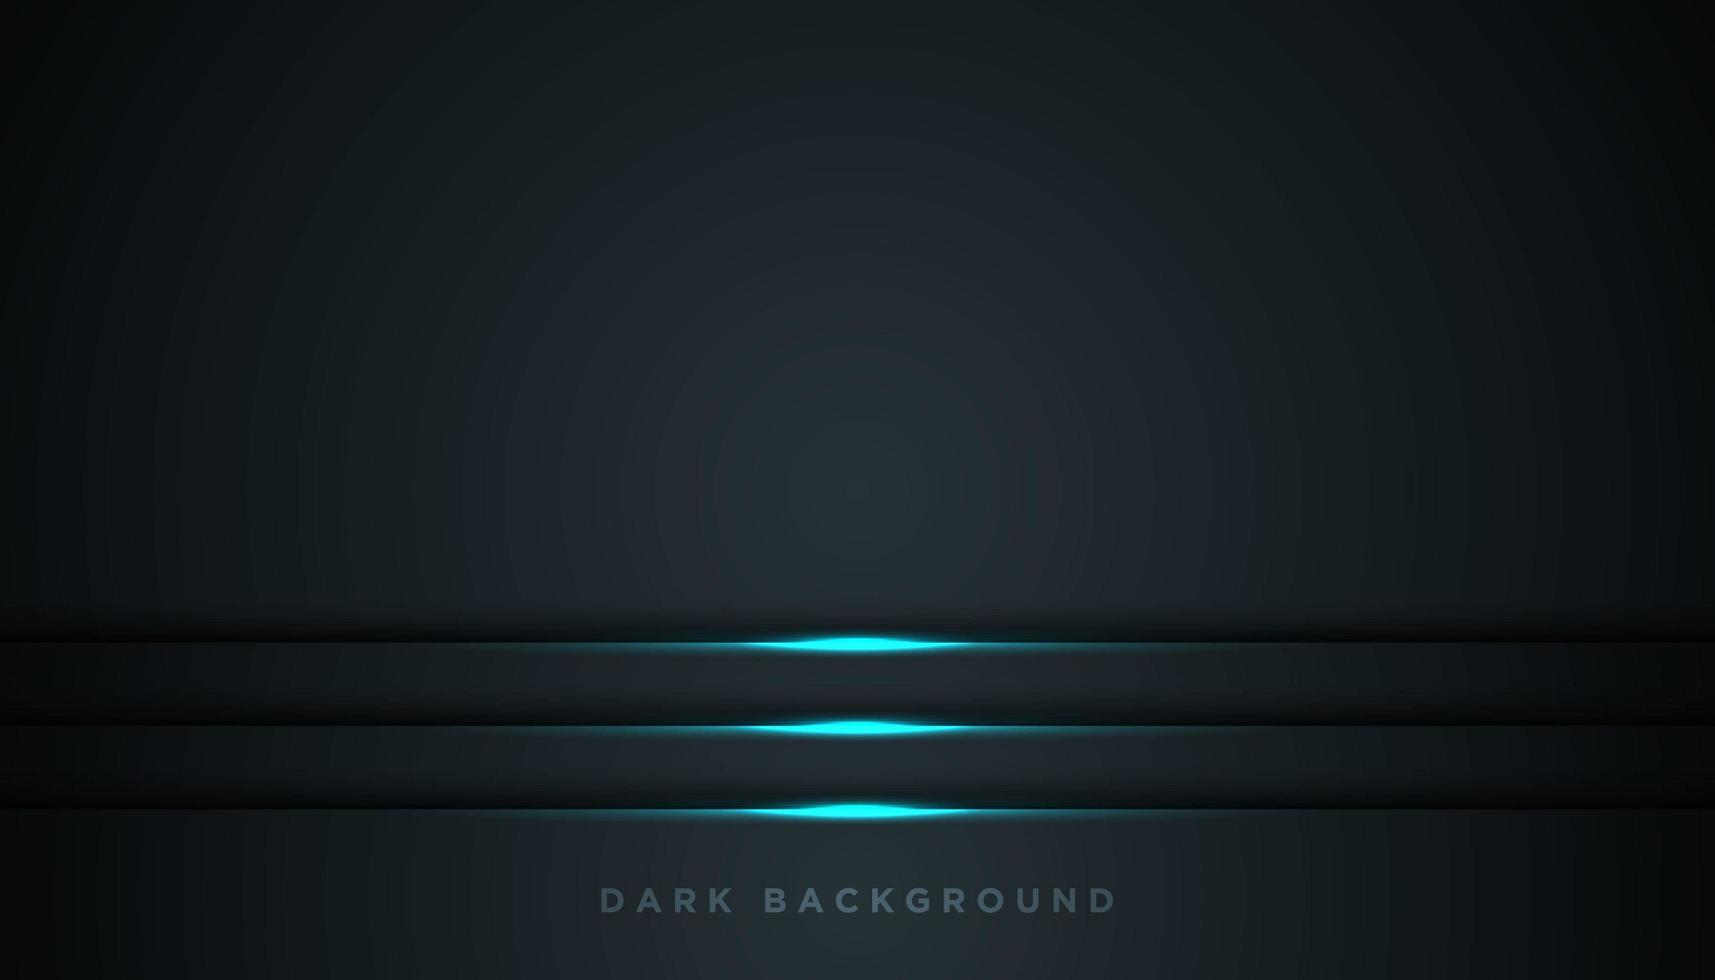 schwarzer Hintergrund mit leuchtend blauen Linien über dem Boden vektor